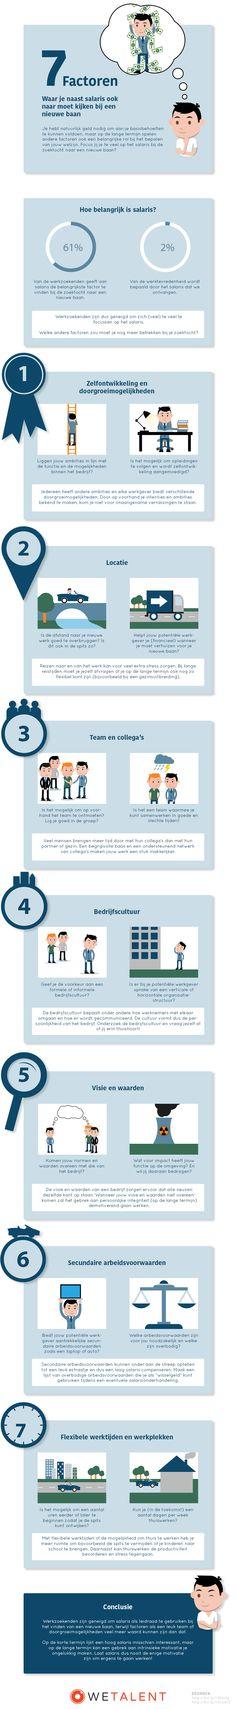 61% van de werkzoekenden vindt salaris de belangrijkste factor bij de zoektocht naar een nieuwe baan, terwijl slechts 2% van de werktevredenheid erdoor wordt bepaald. Laat jij je ook teveel afleiden door het salaris?